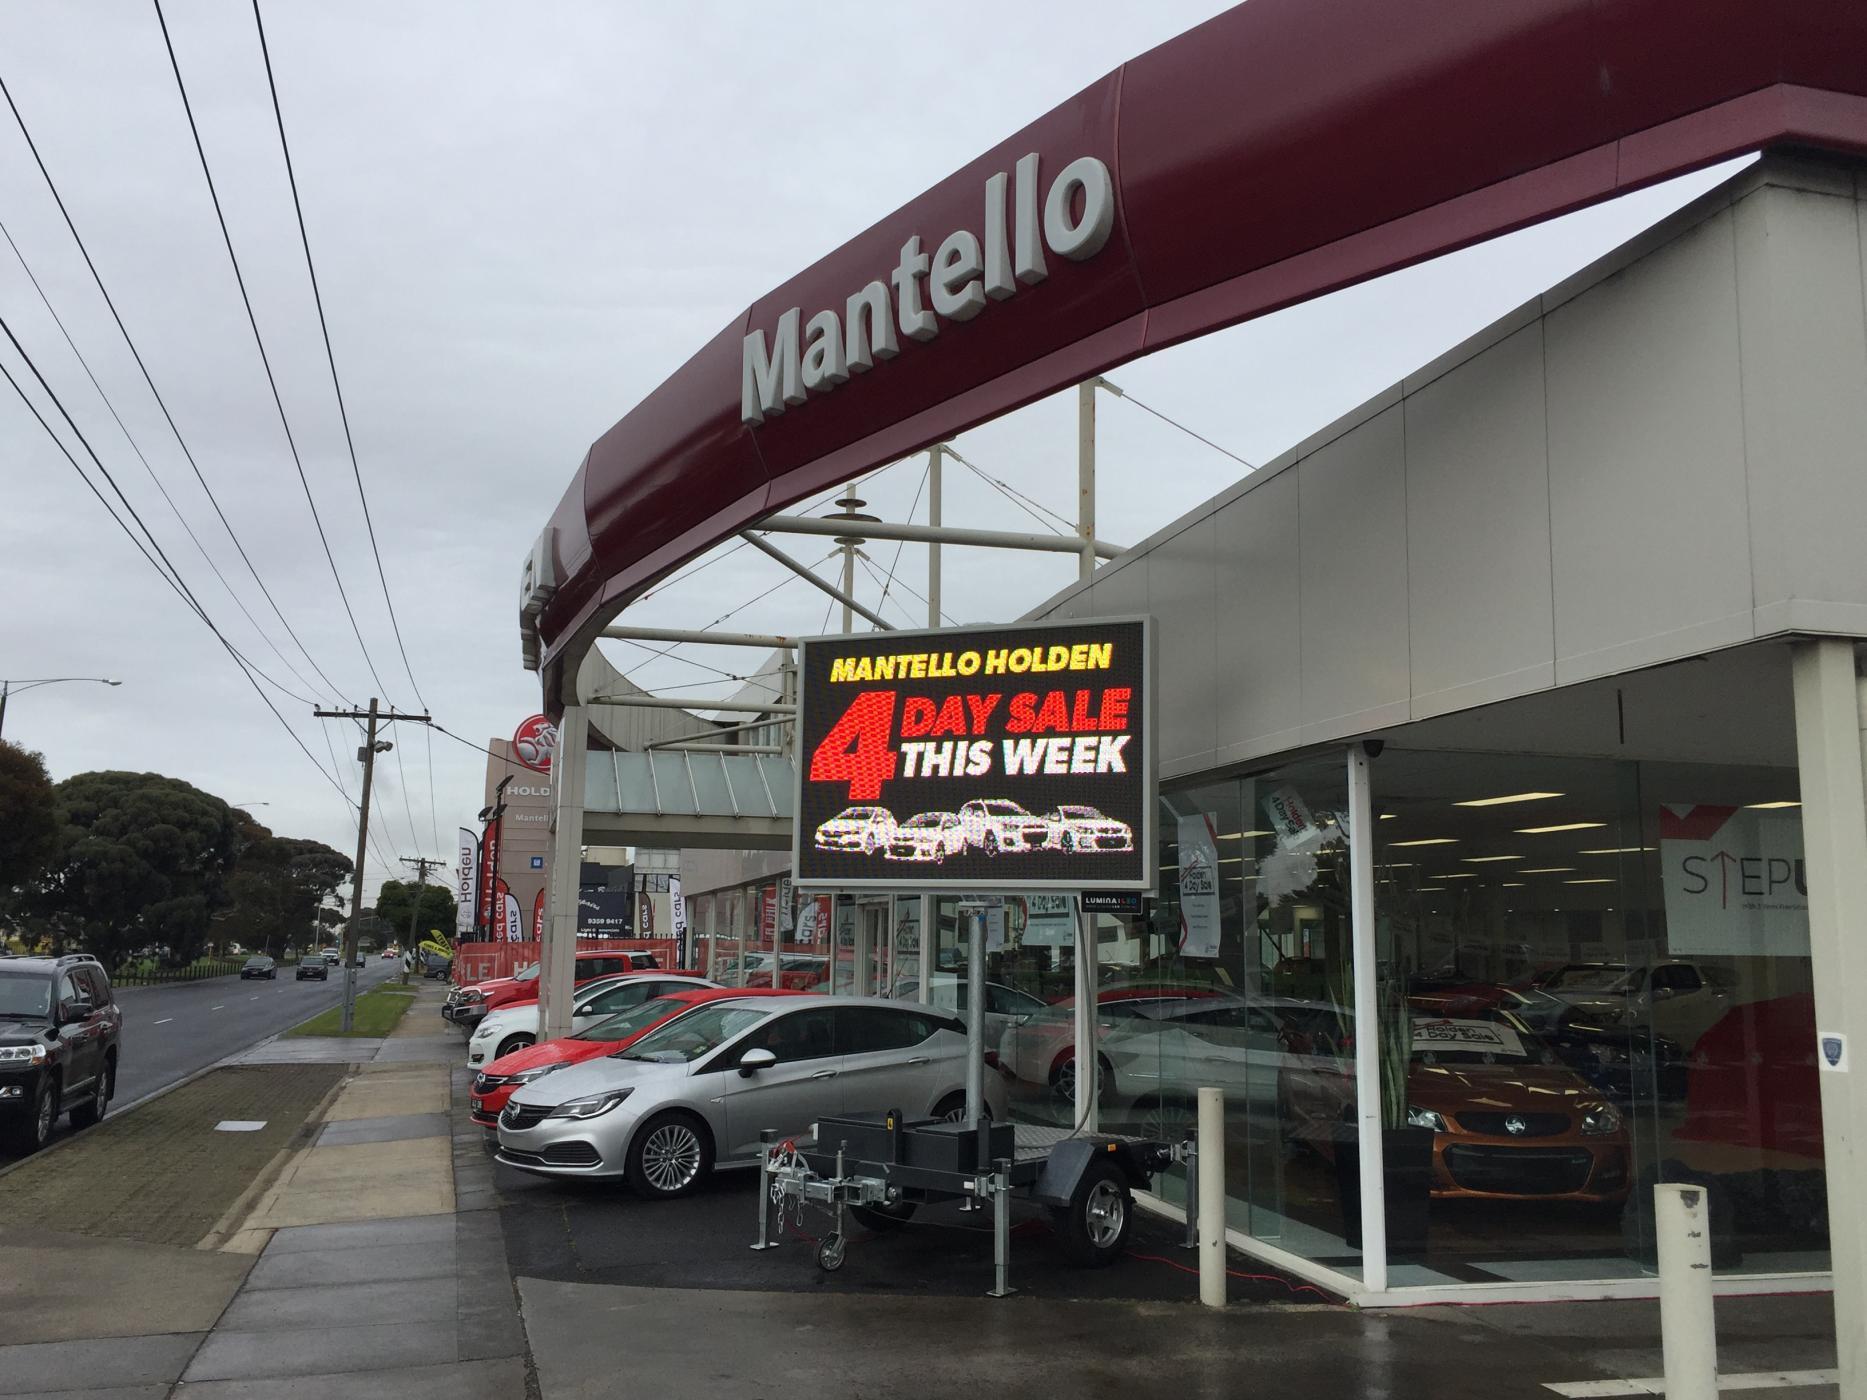 Mantello Holden Fawkner  - 4 Day sale